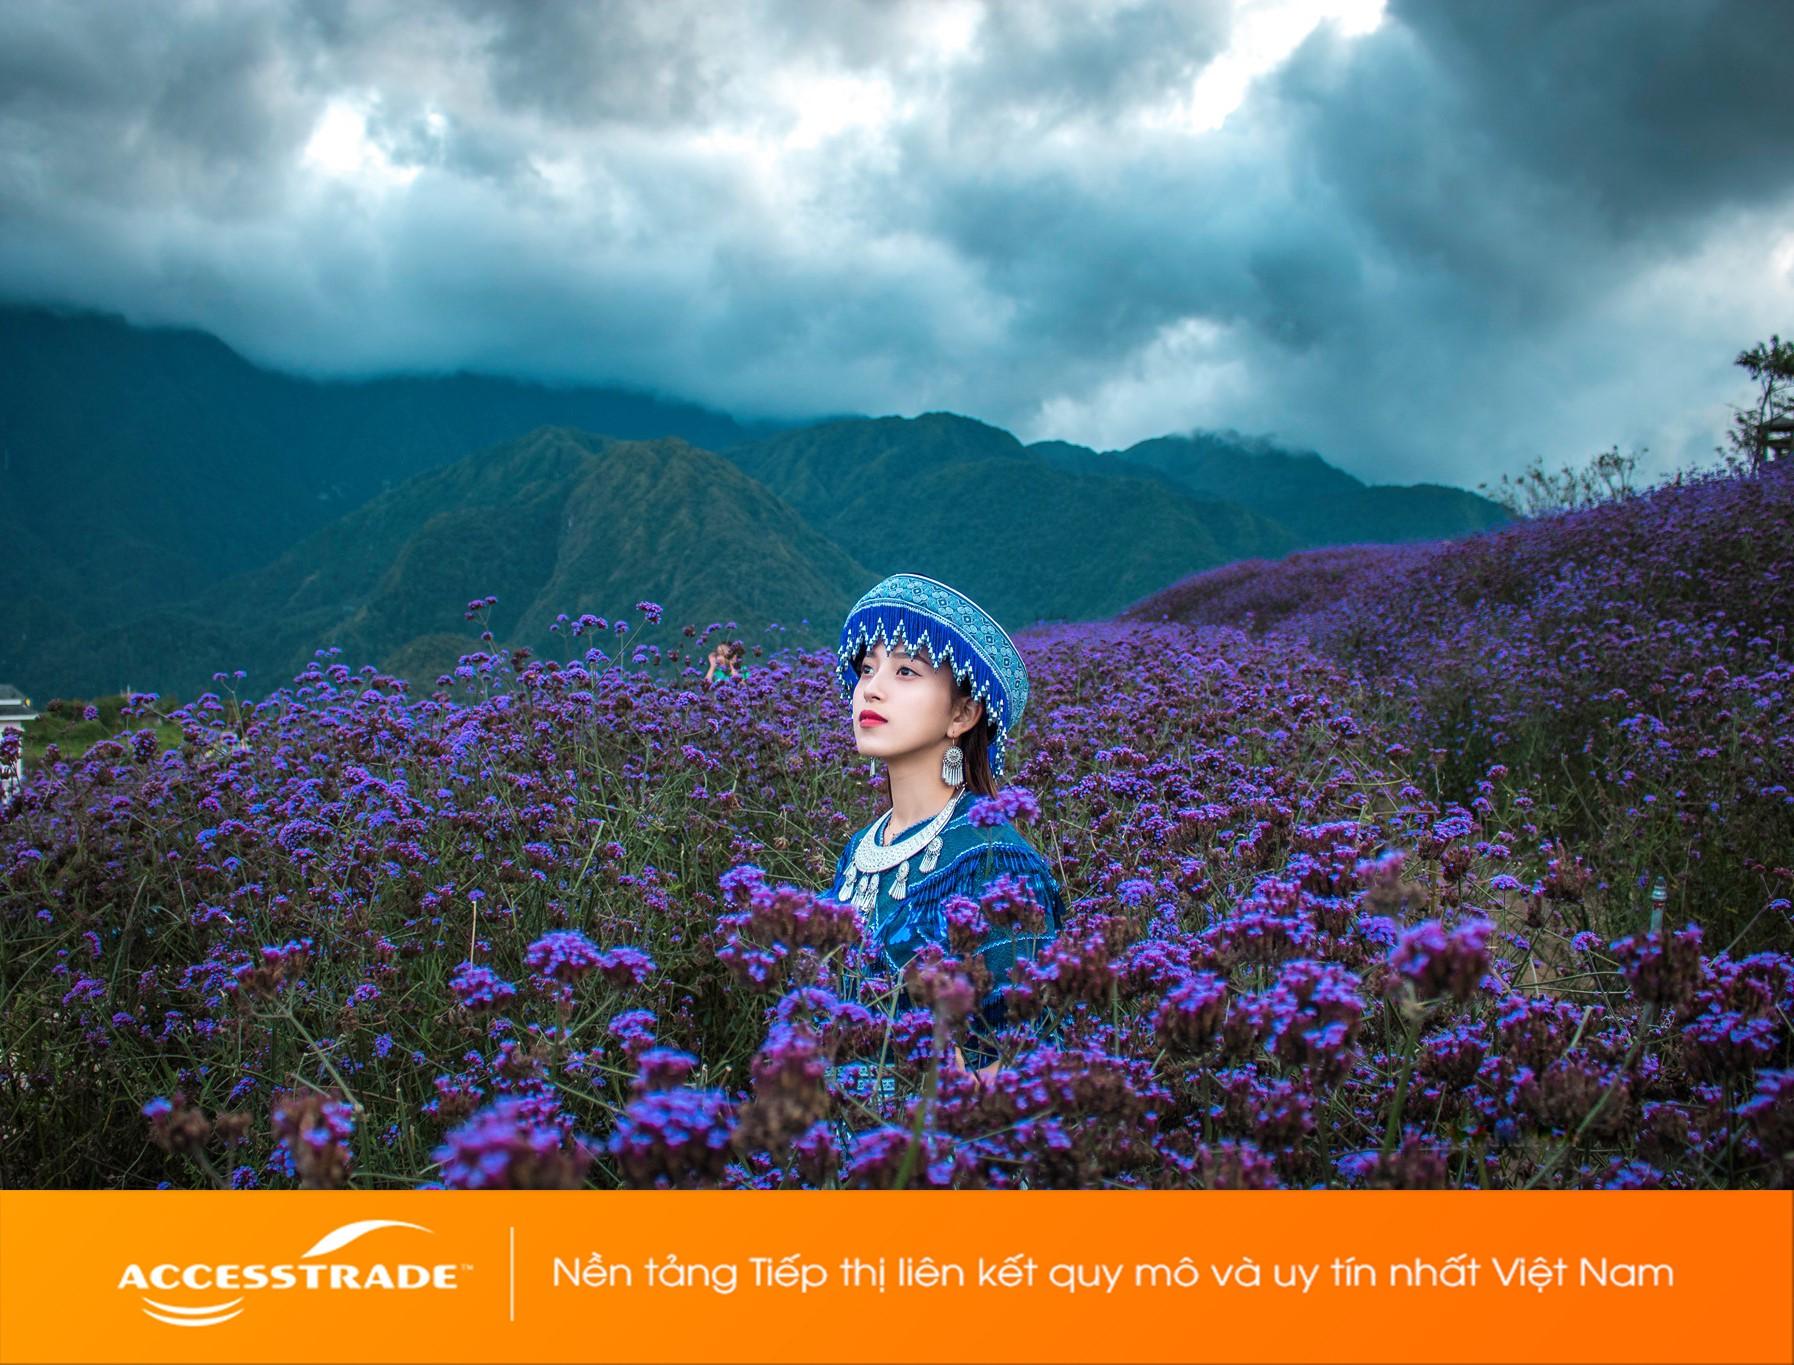 Đặt vé xe từ Hà Nội đi Sapa: Khuyến mãi hấp dẫn